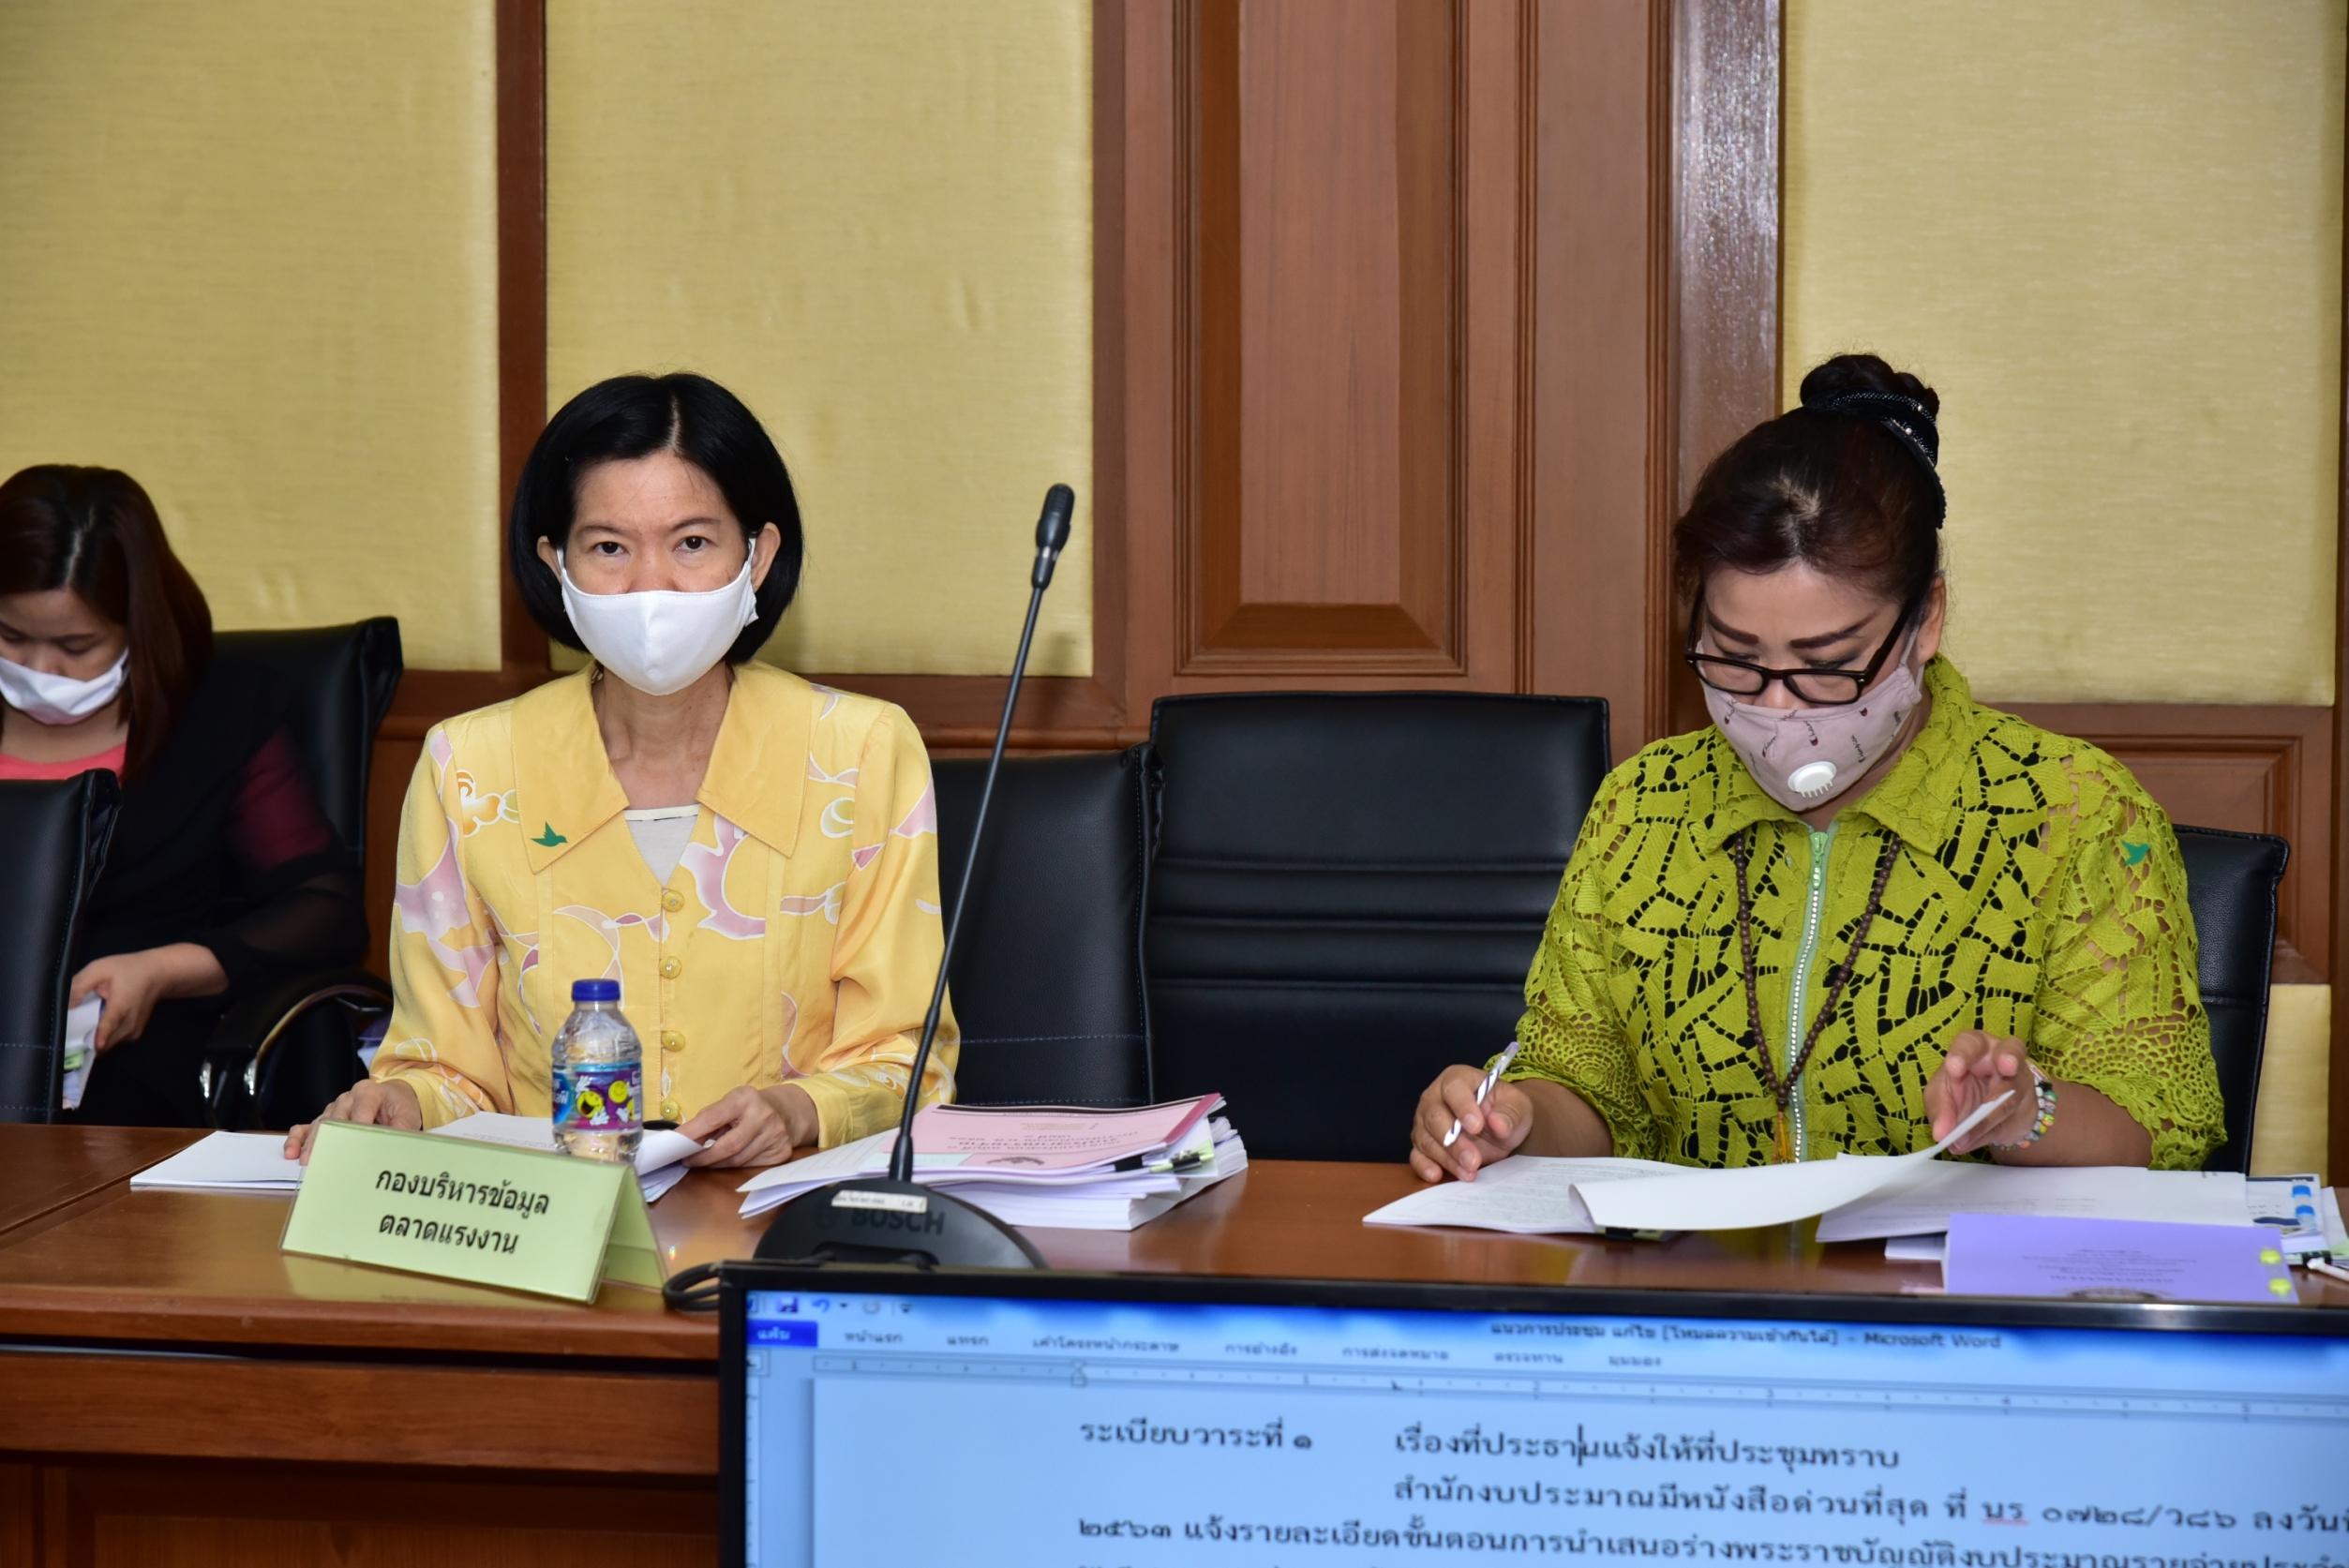 รองอธิบดีกรมการจัดหางาน ประชุมเตรียมความพร้อมในการชี้แจงงบประมาณรายจ่ายประจำปีงบประมาณ พ.ศ. 2564 สภาผู้แทนราษฎร